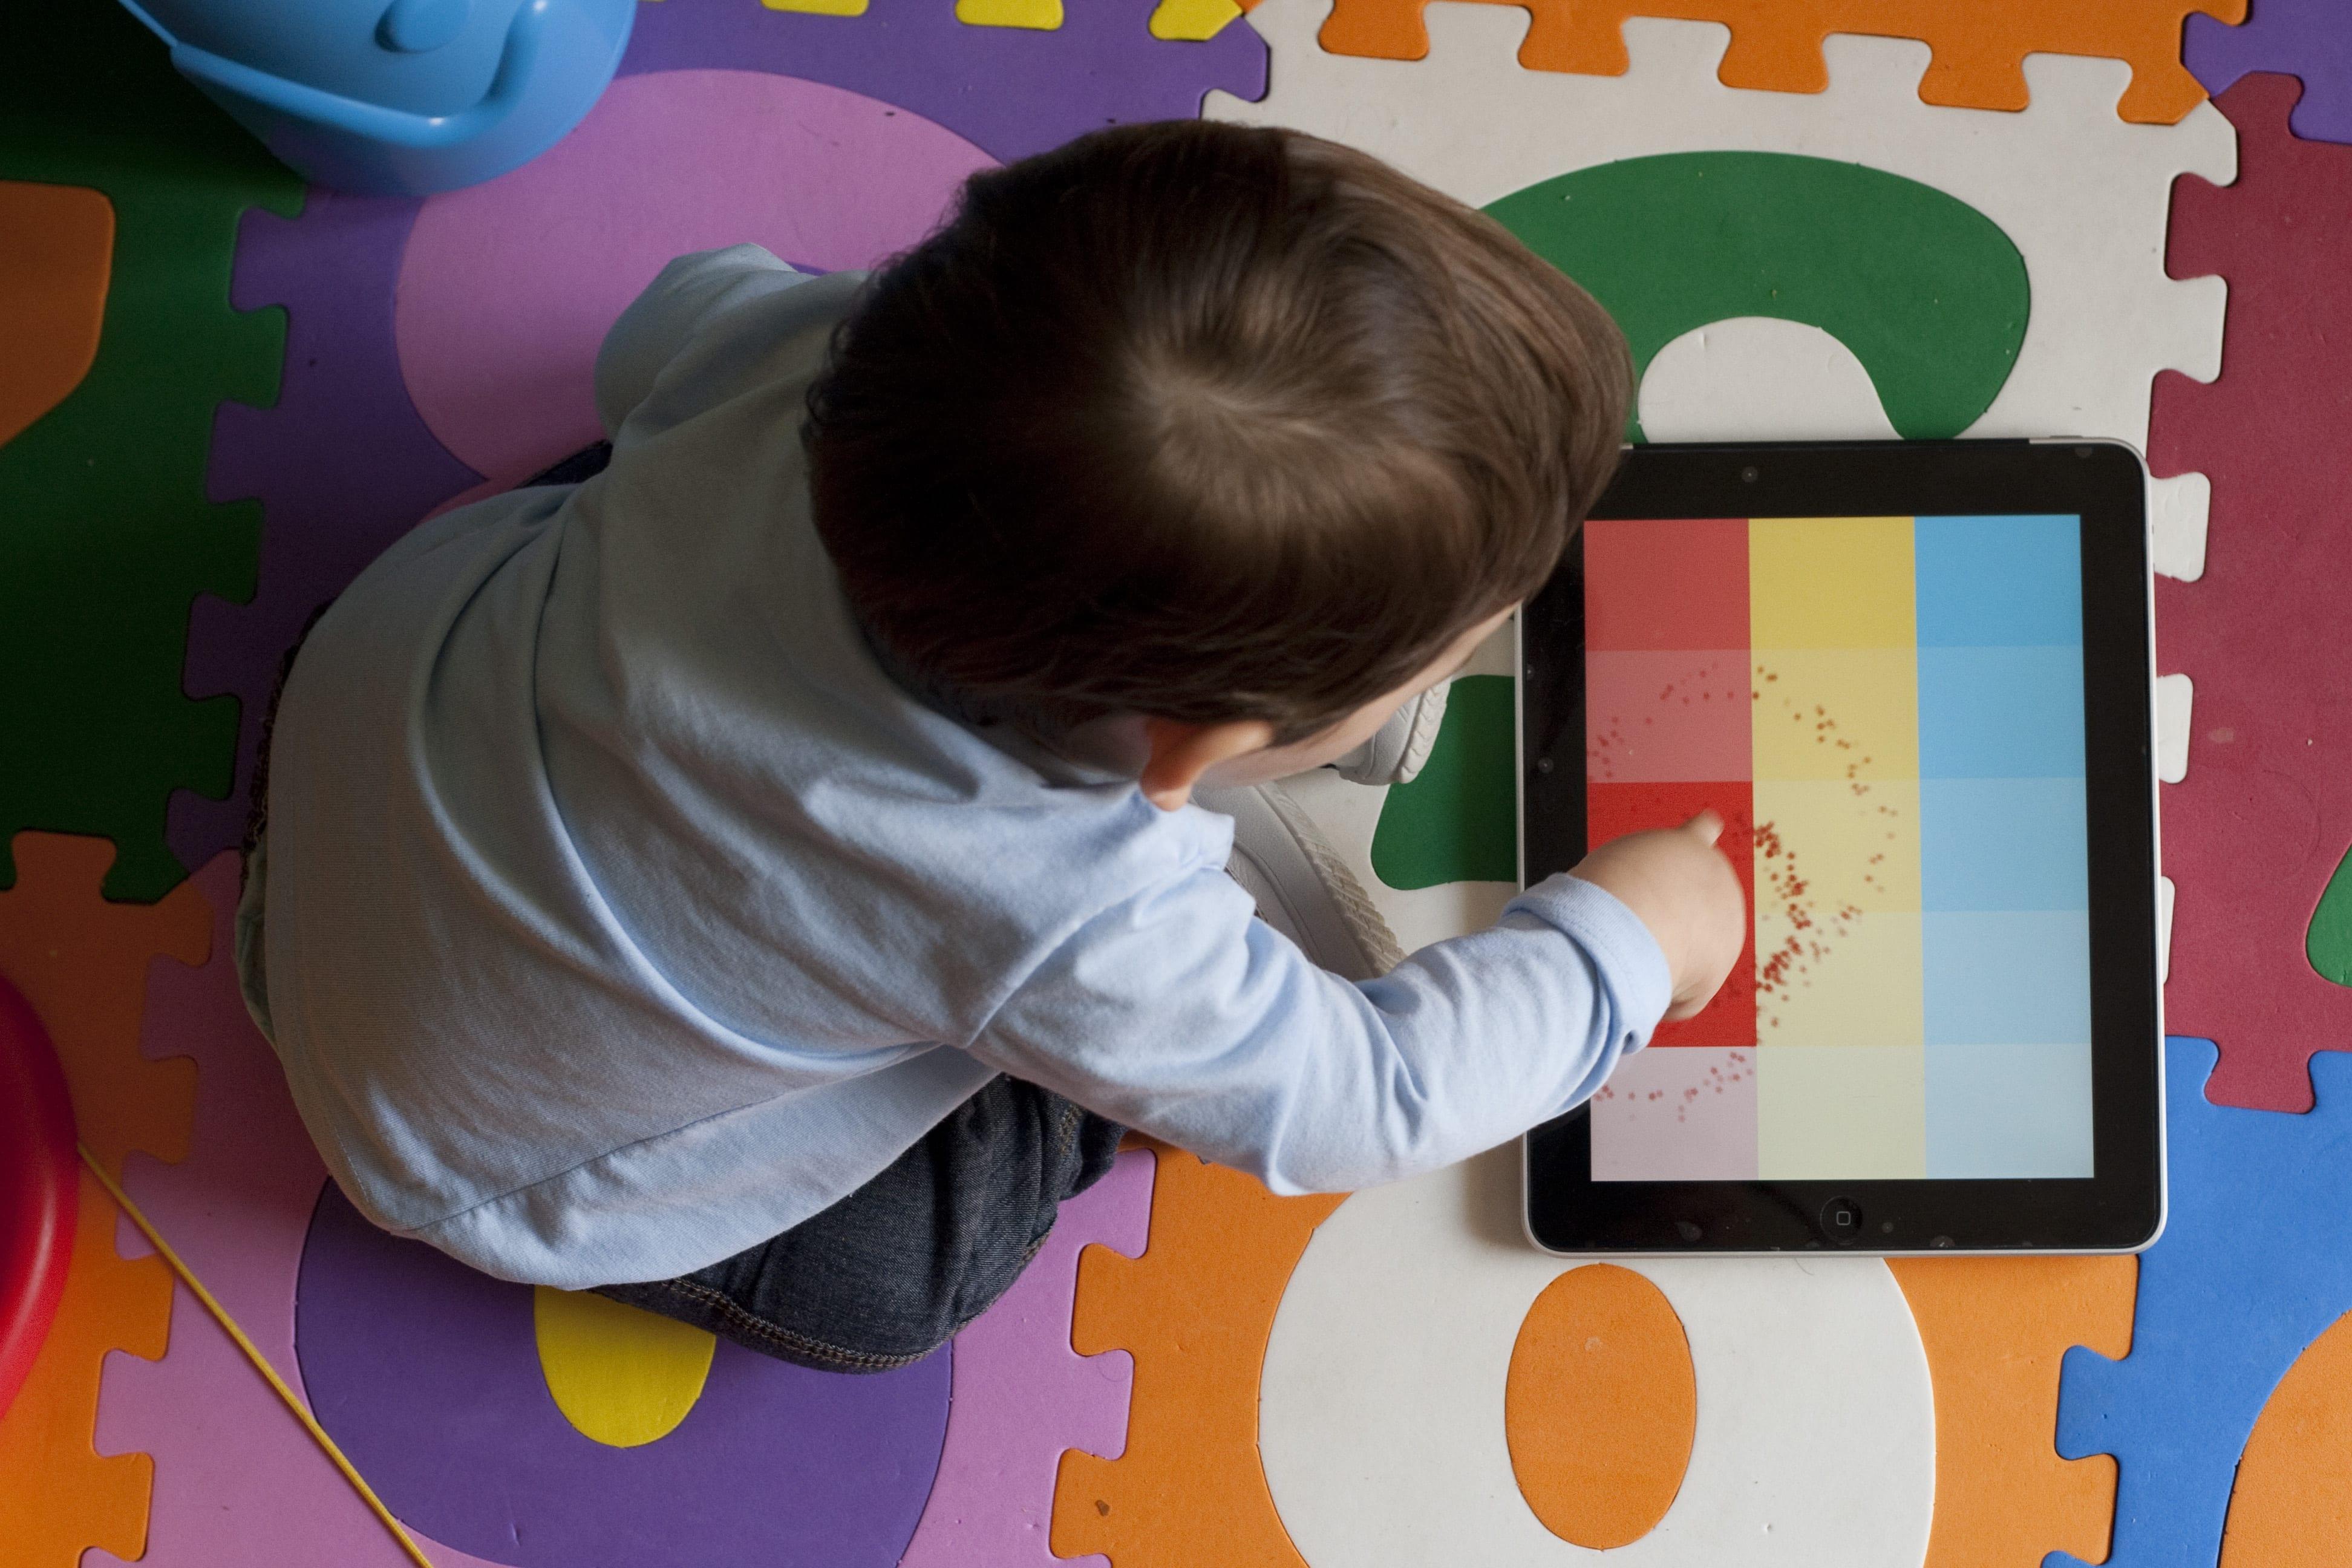 Bebês não devem ter acesso a tablets e celulares (Foto: Mães de Peito)